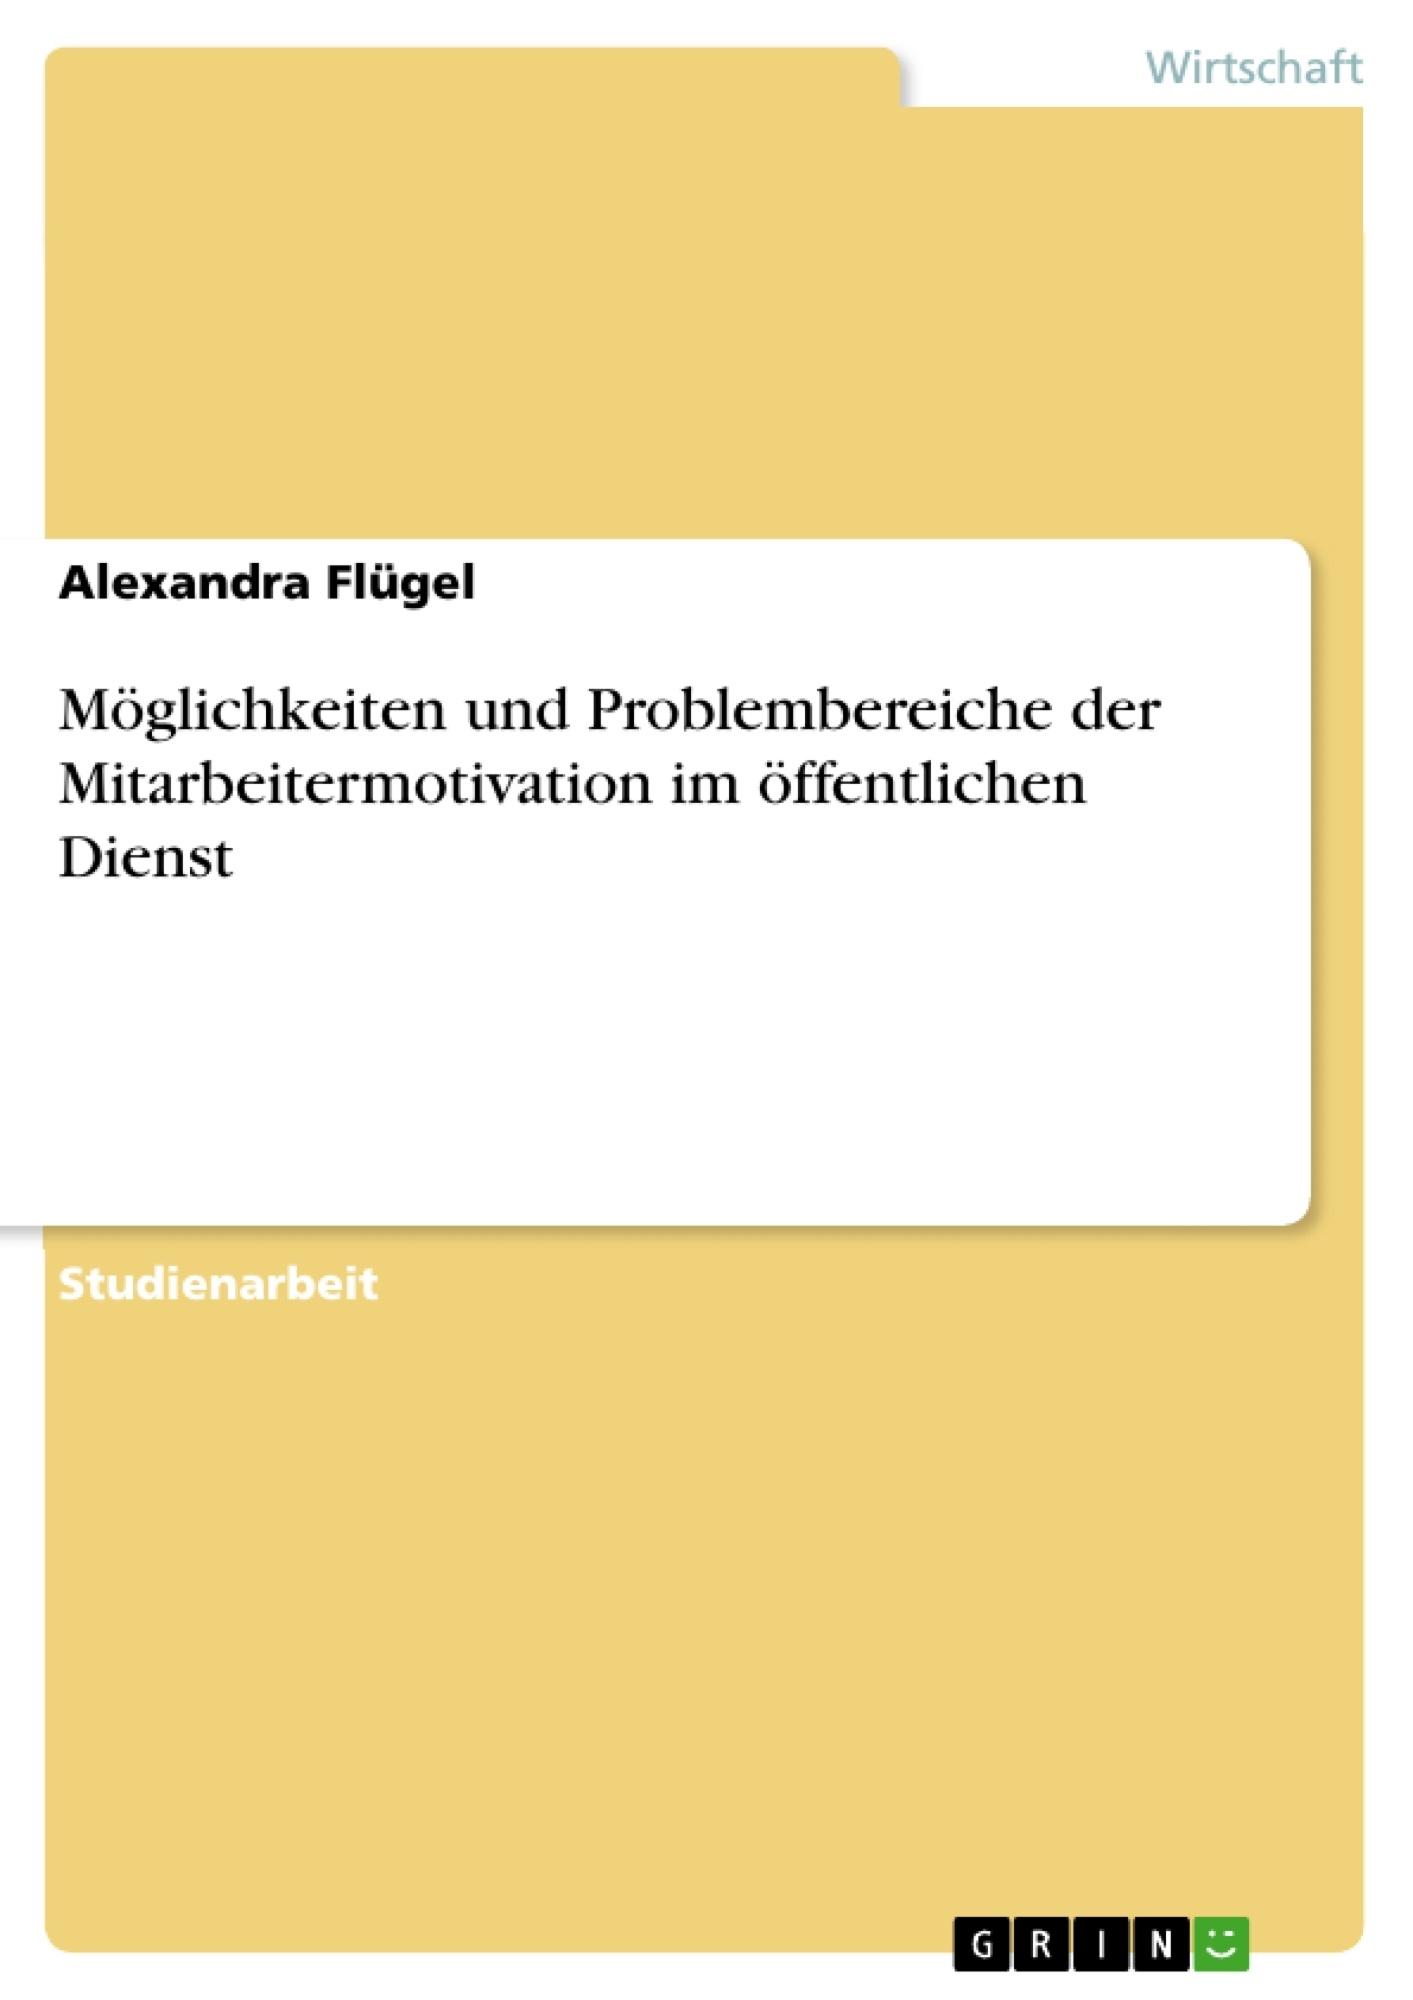 Titel: Möglichkeiten und Problembereiche der Mitarbeitermotivation im öffentlichen Dienst